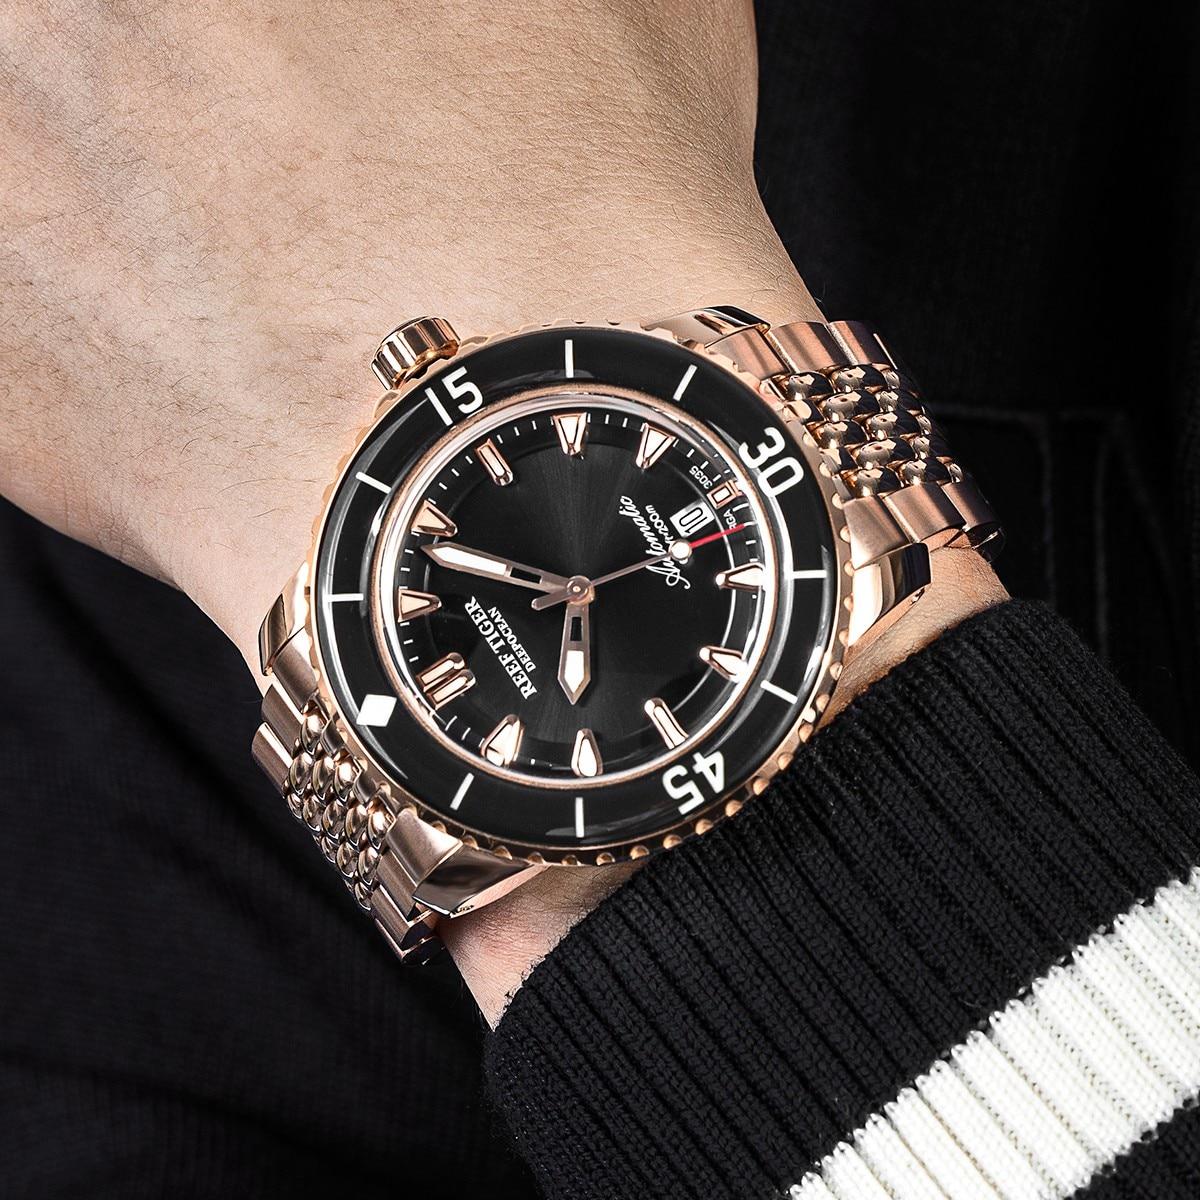 ريف النمر/RT أفضل العلامة التجارية الرجال الميكانيكية ارتفع الذهب الغوص الياقوت الكريستال سوار مضيئة مقاوم للماء الساعات RGA3035